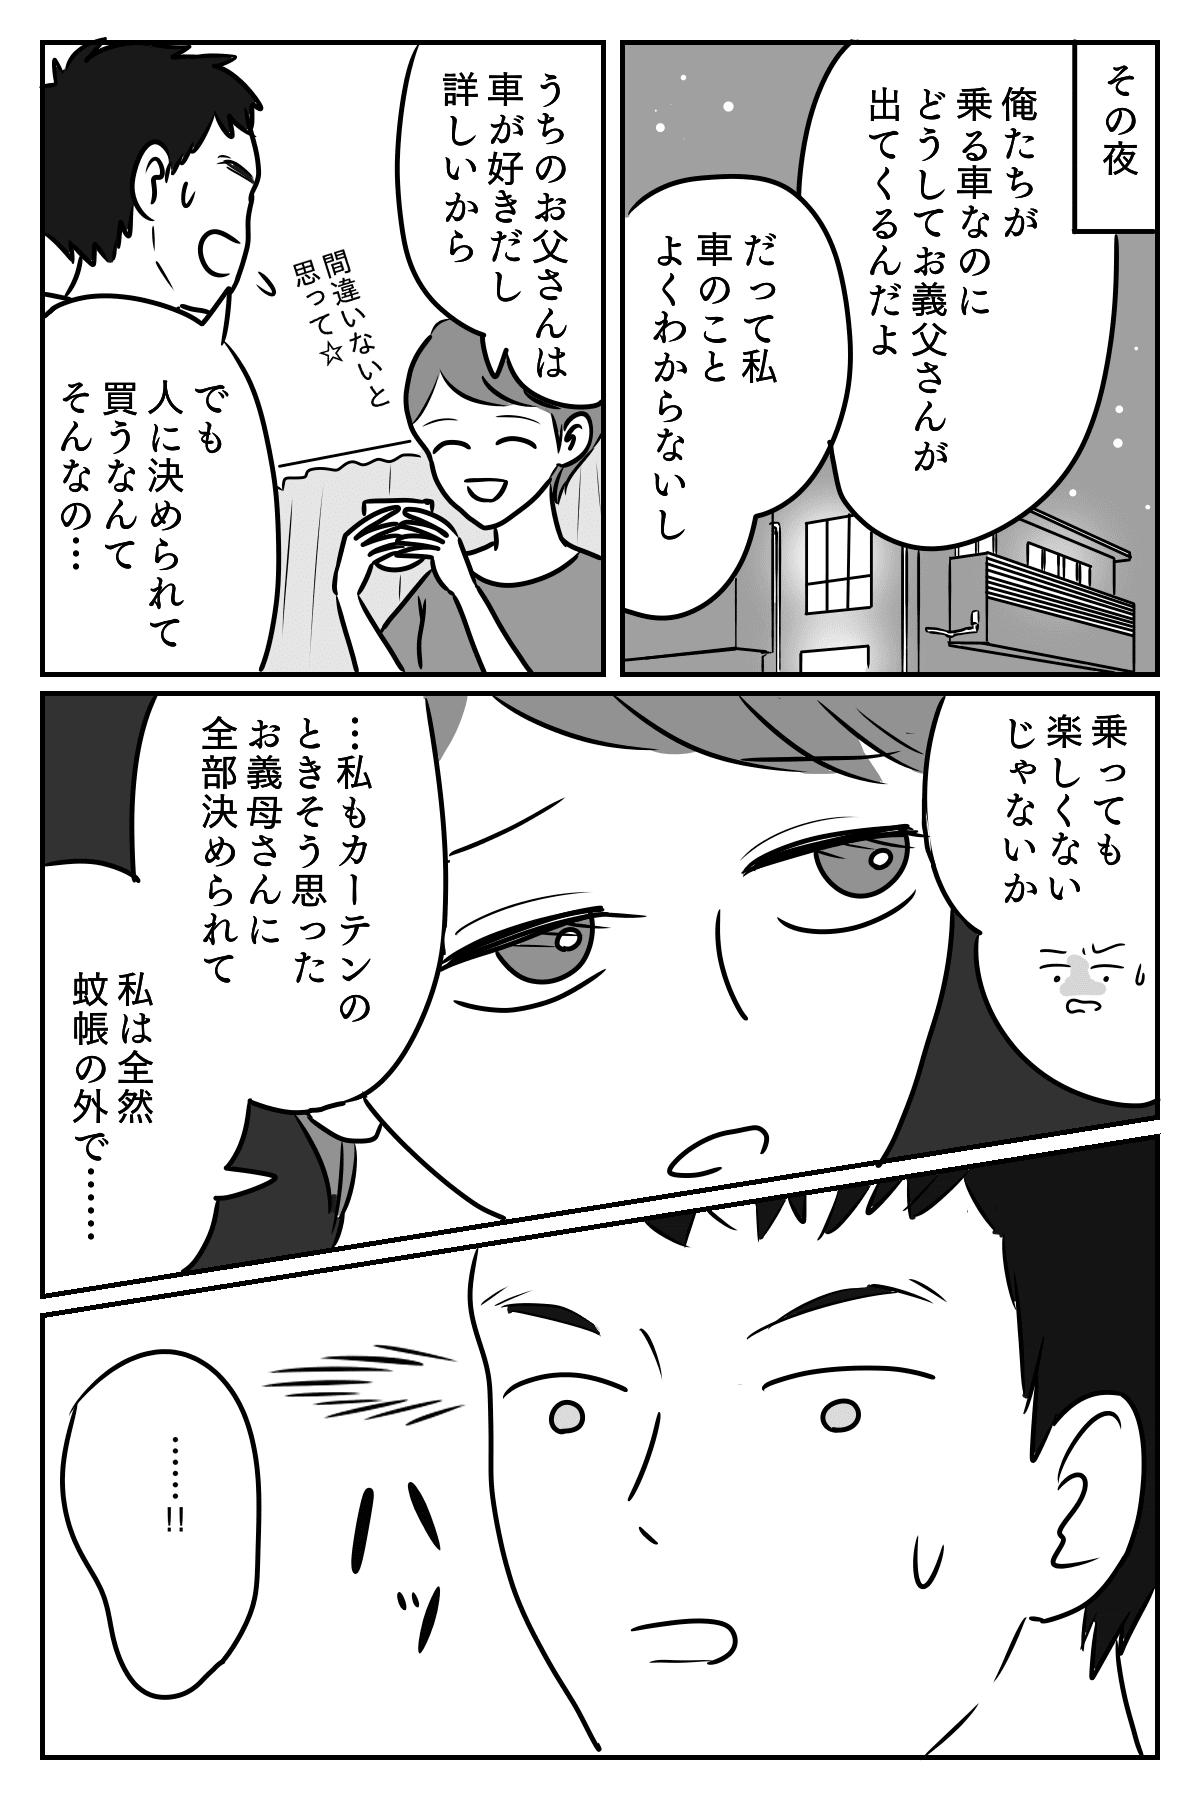 カーテン後編03